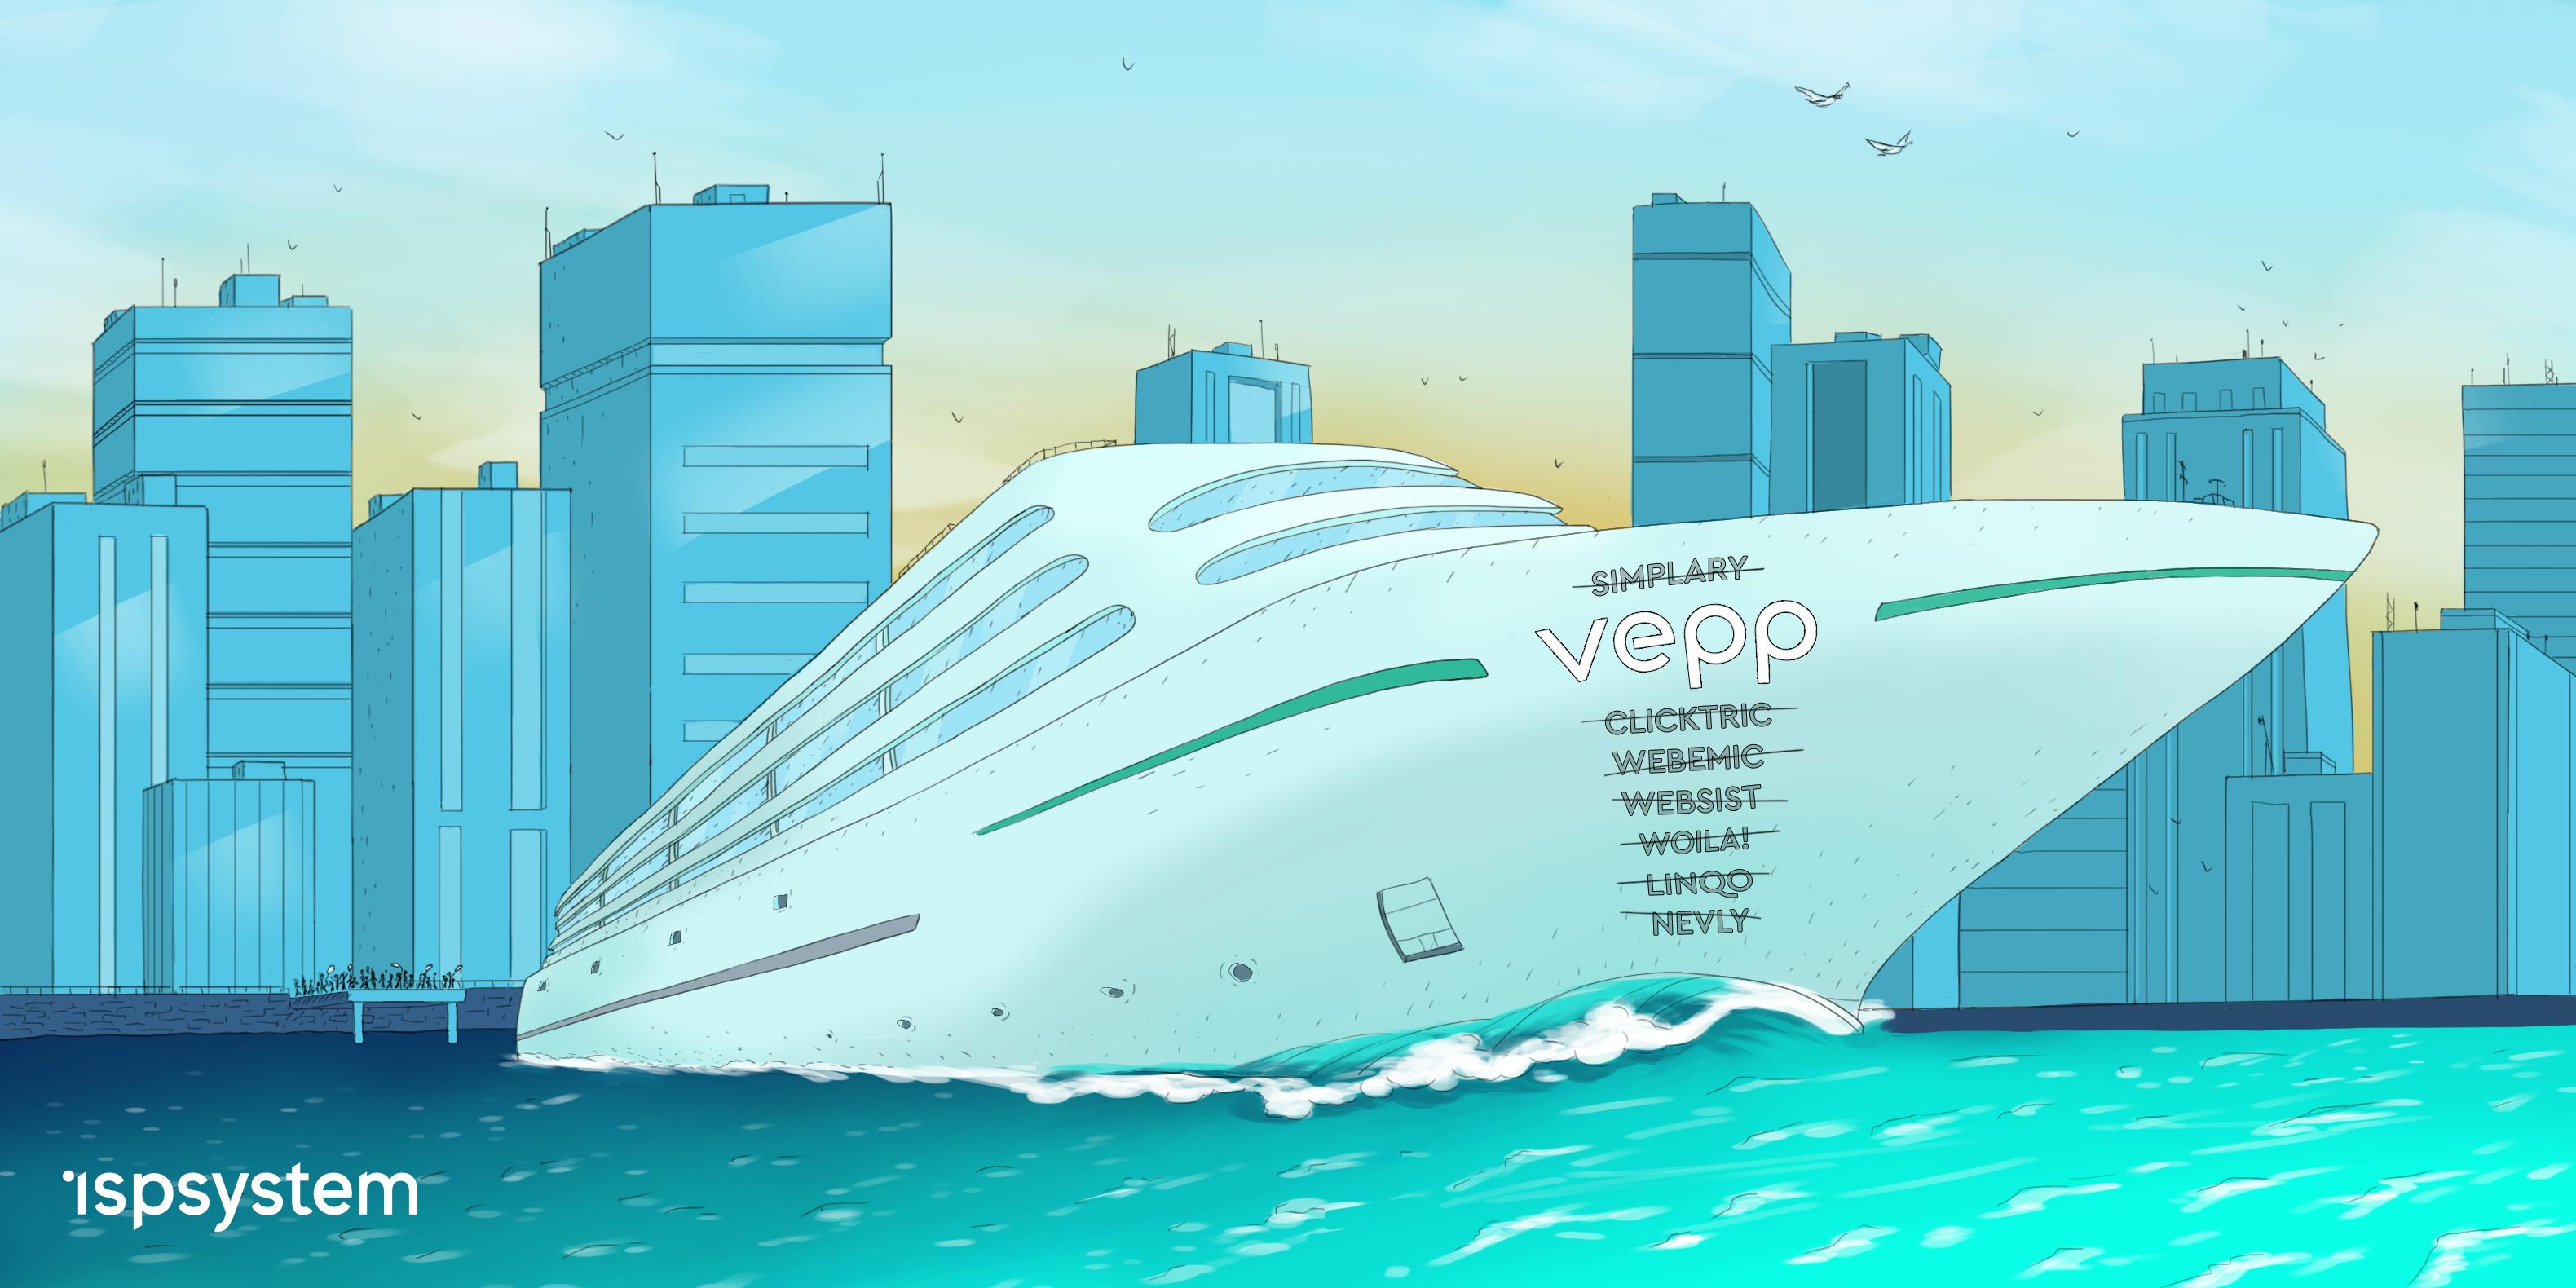 Как придумать название продукта или компании на примере Vepp - 1